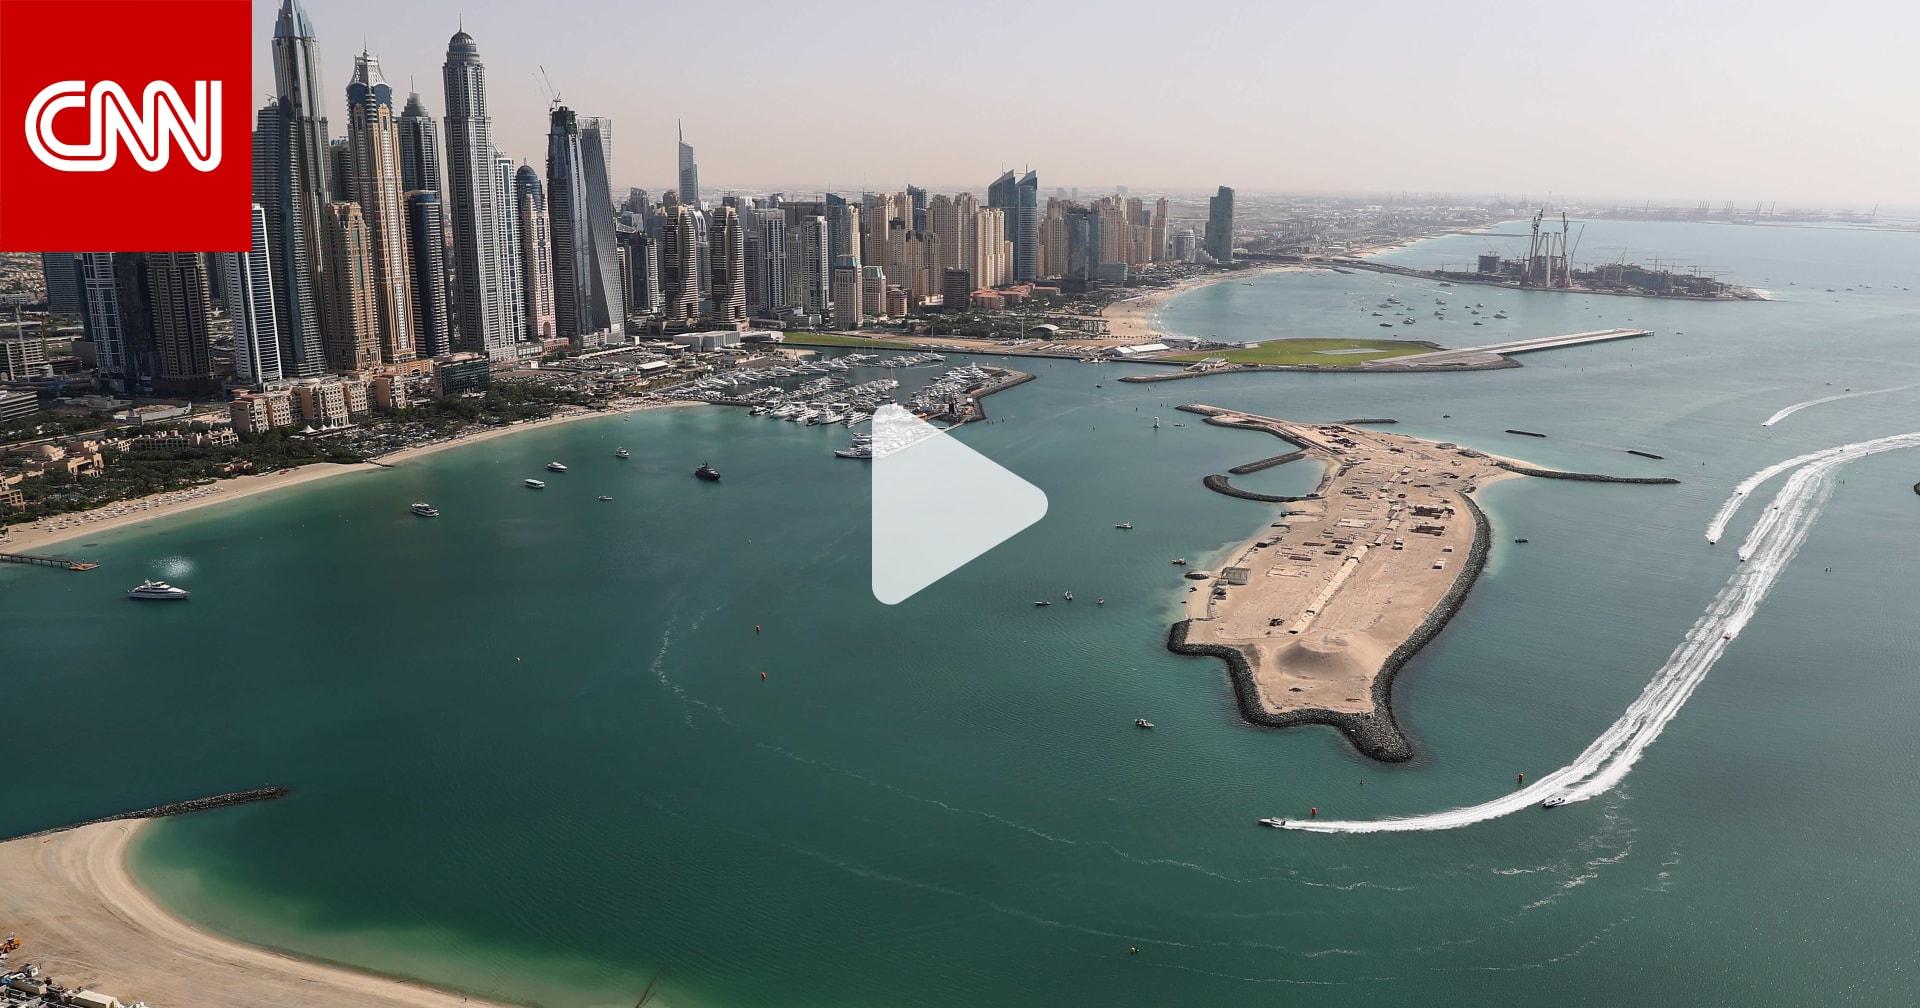 متحدثًا لـCNN.. خبير اقتصادي يتوقع أن تحفز خطة مشاريع الـ50 نمو اقتصاد الإمارات